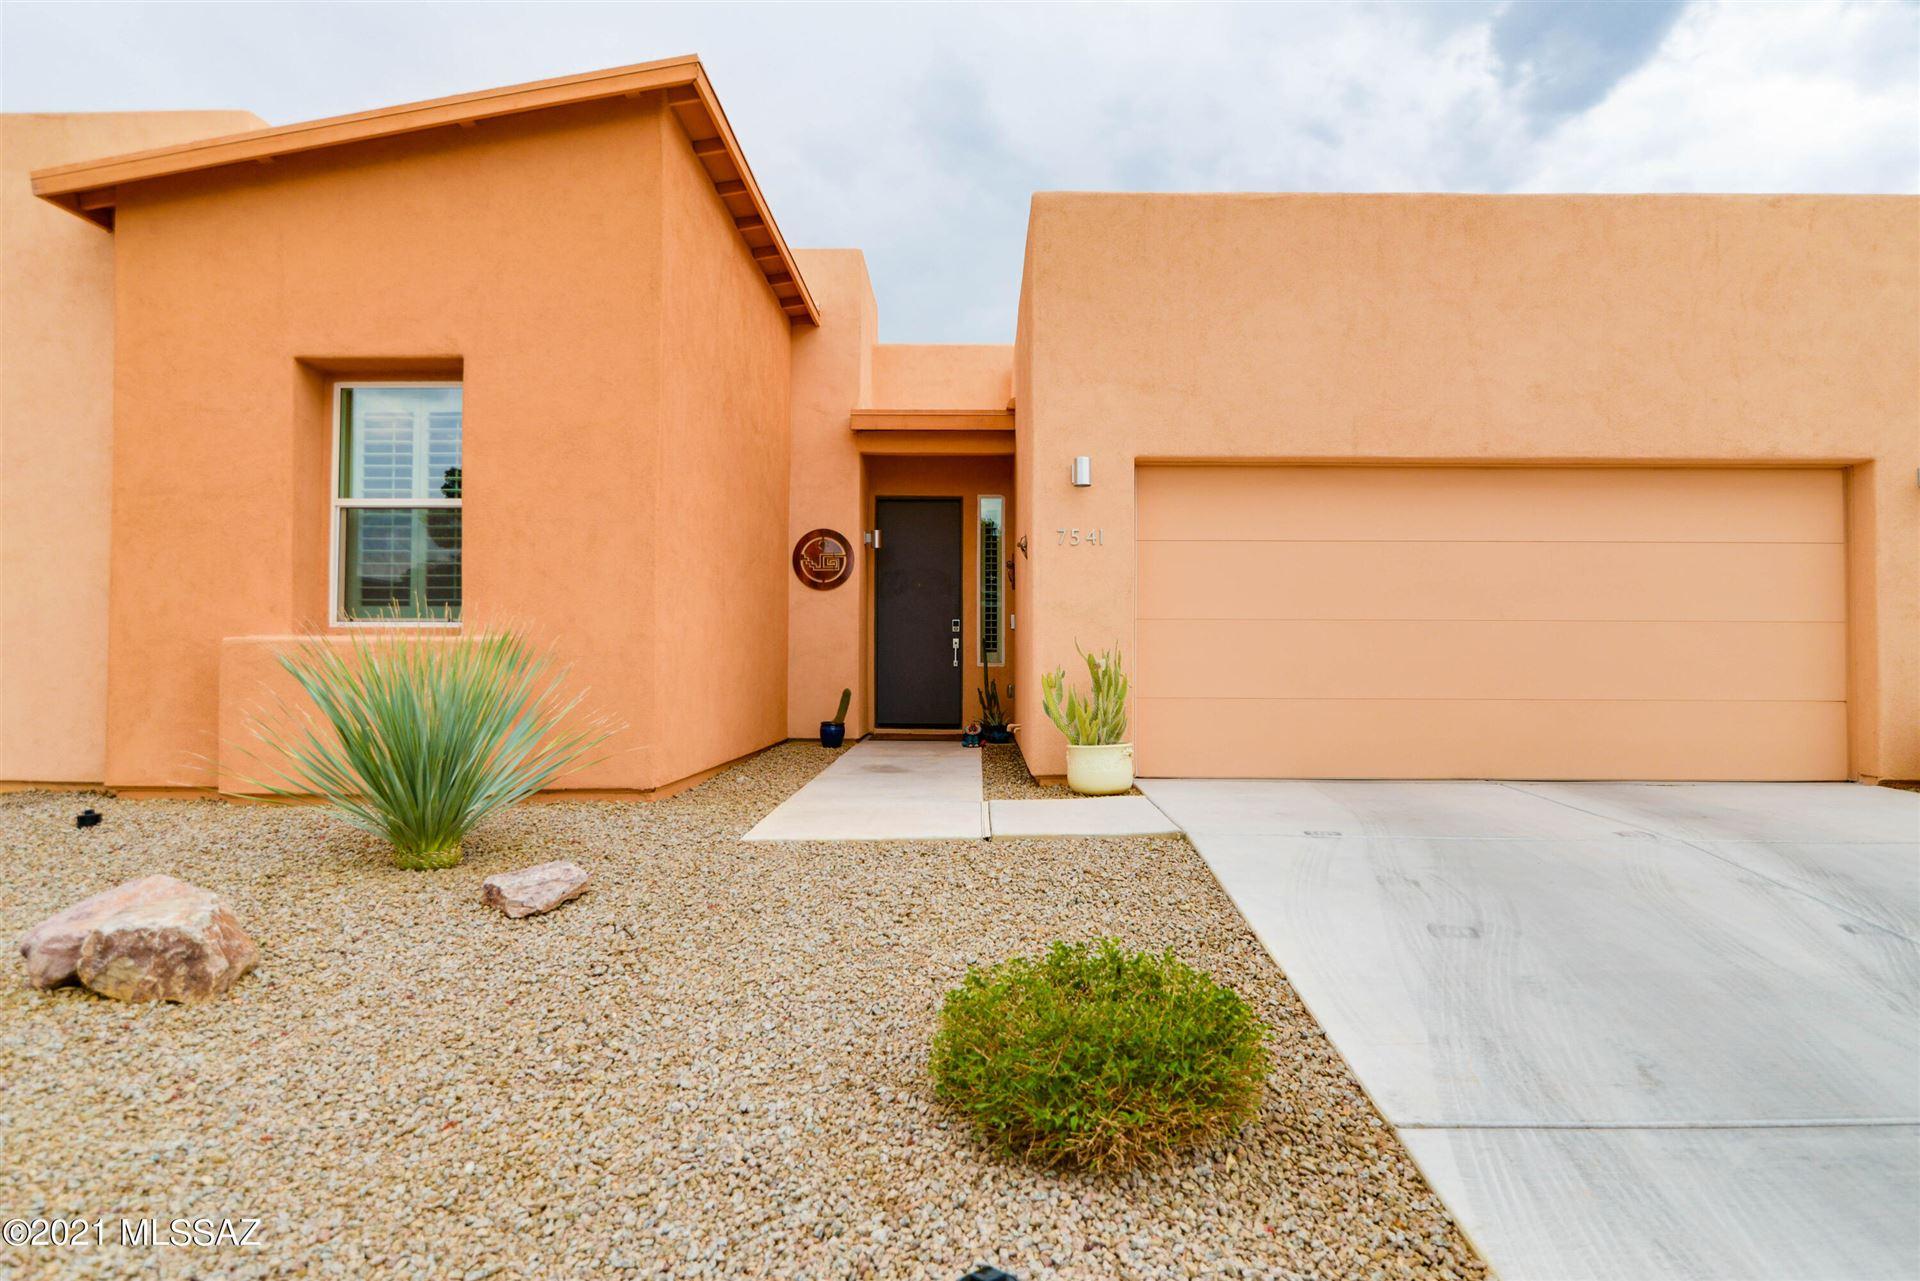 7541 E Bookmark Place, Tucson, AZ 85715 - MLS#: 22117064